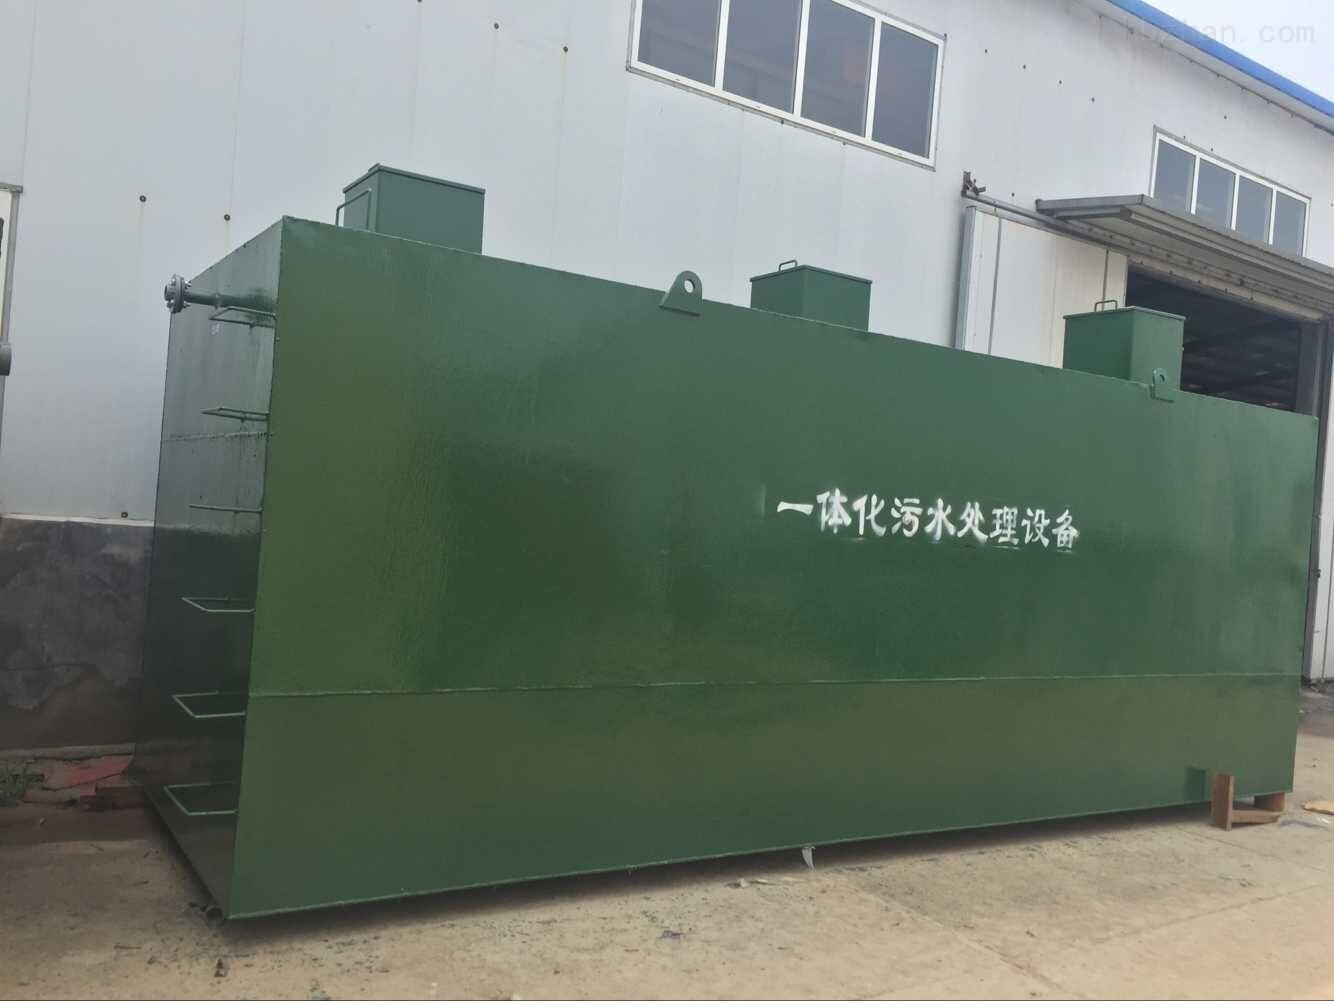 晋中社区污水处理设备报价参数